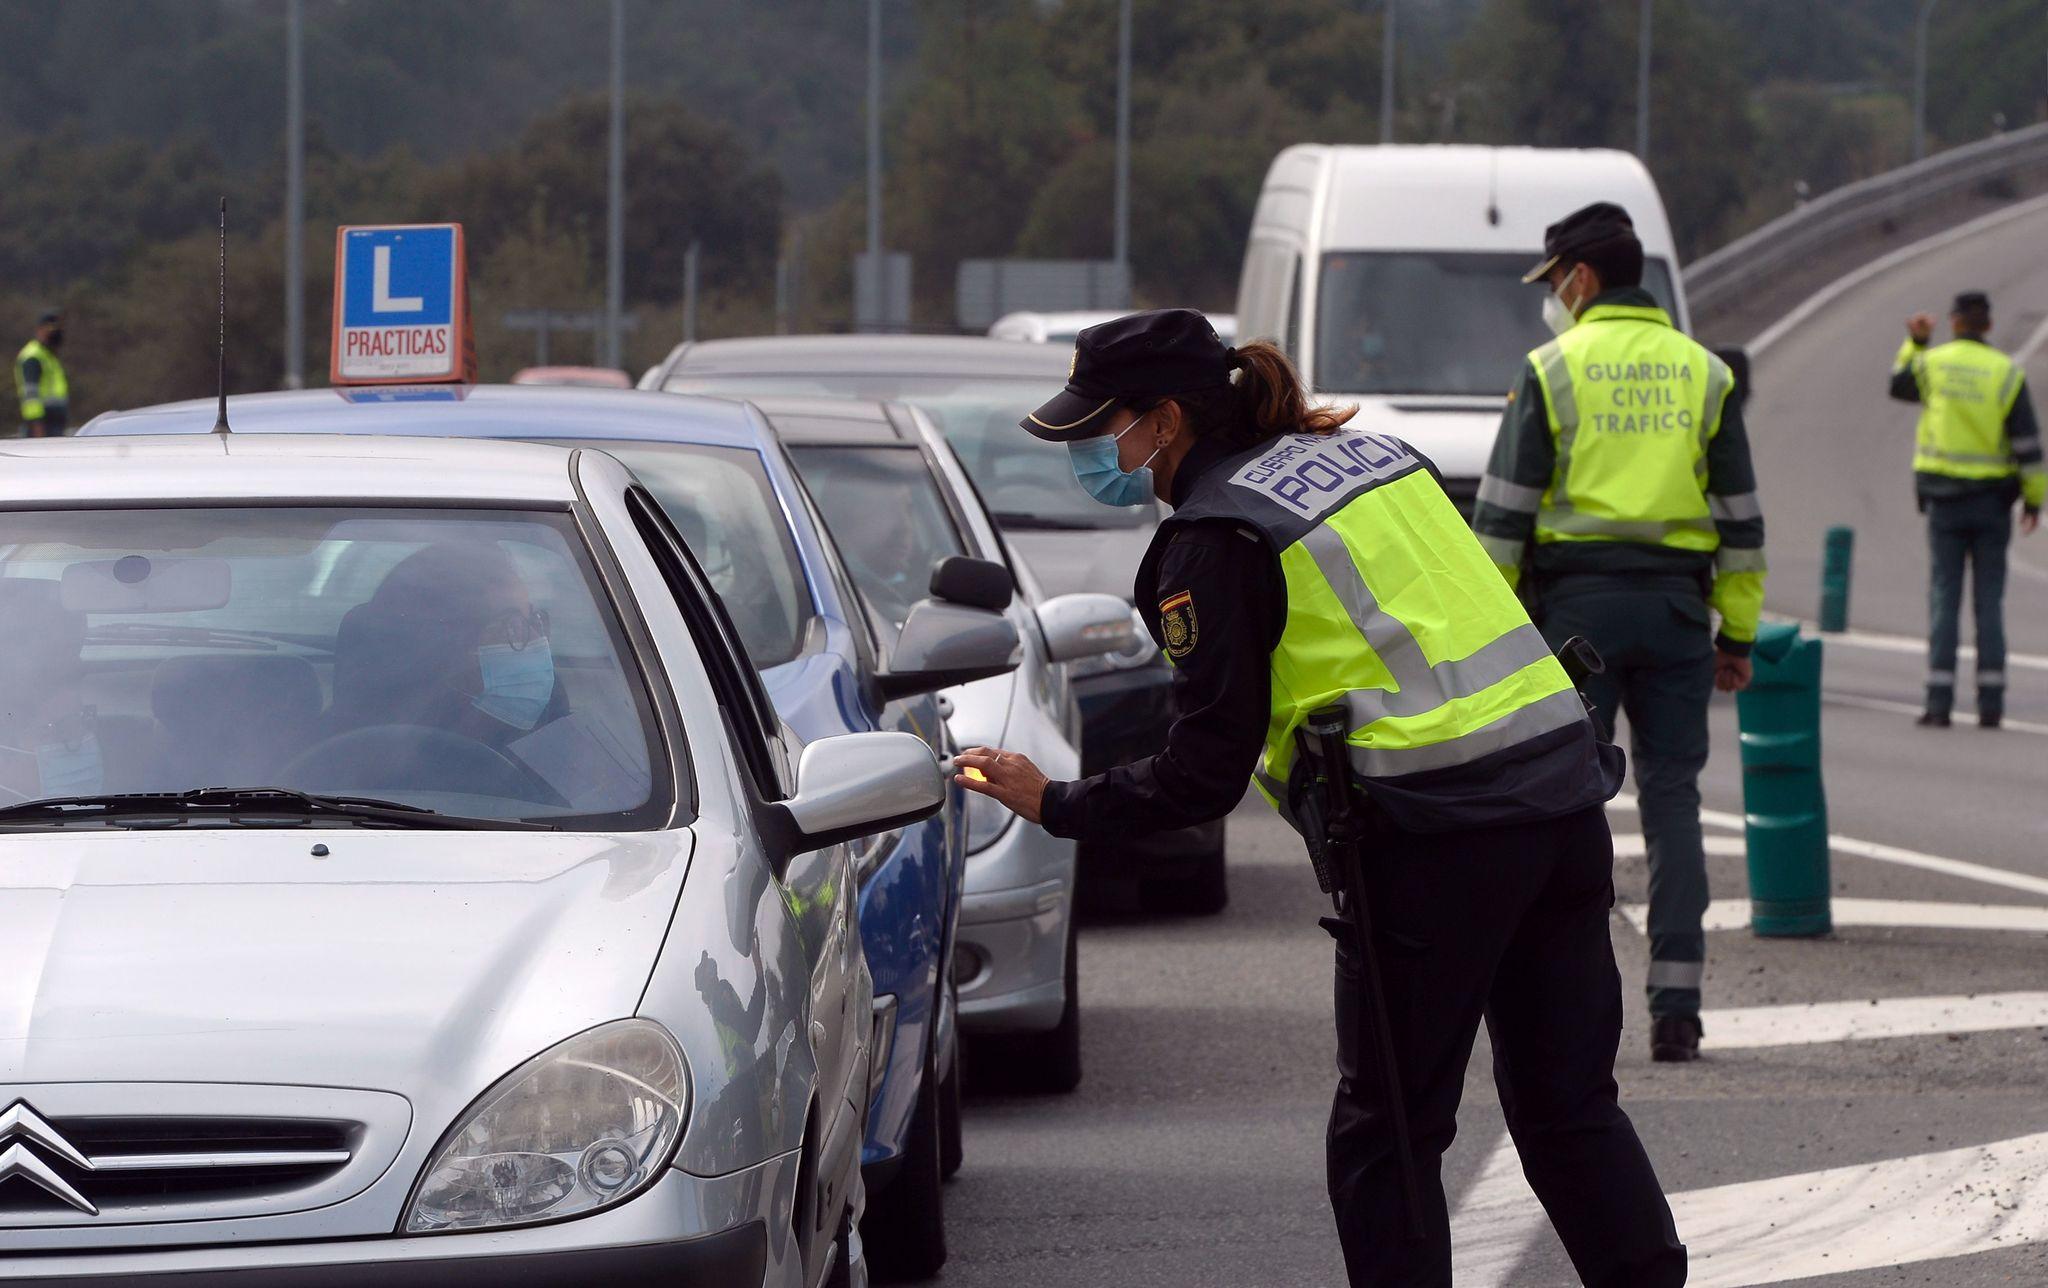 La Guardia Civil en un control de tráfico este jueves a la entrada de Orense, en el primer día de cierre perimetral de la ciudad para intentar controlar el coronavirus.